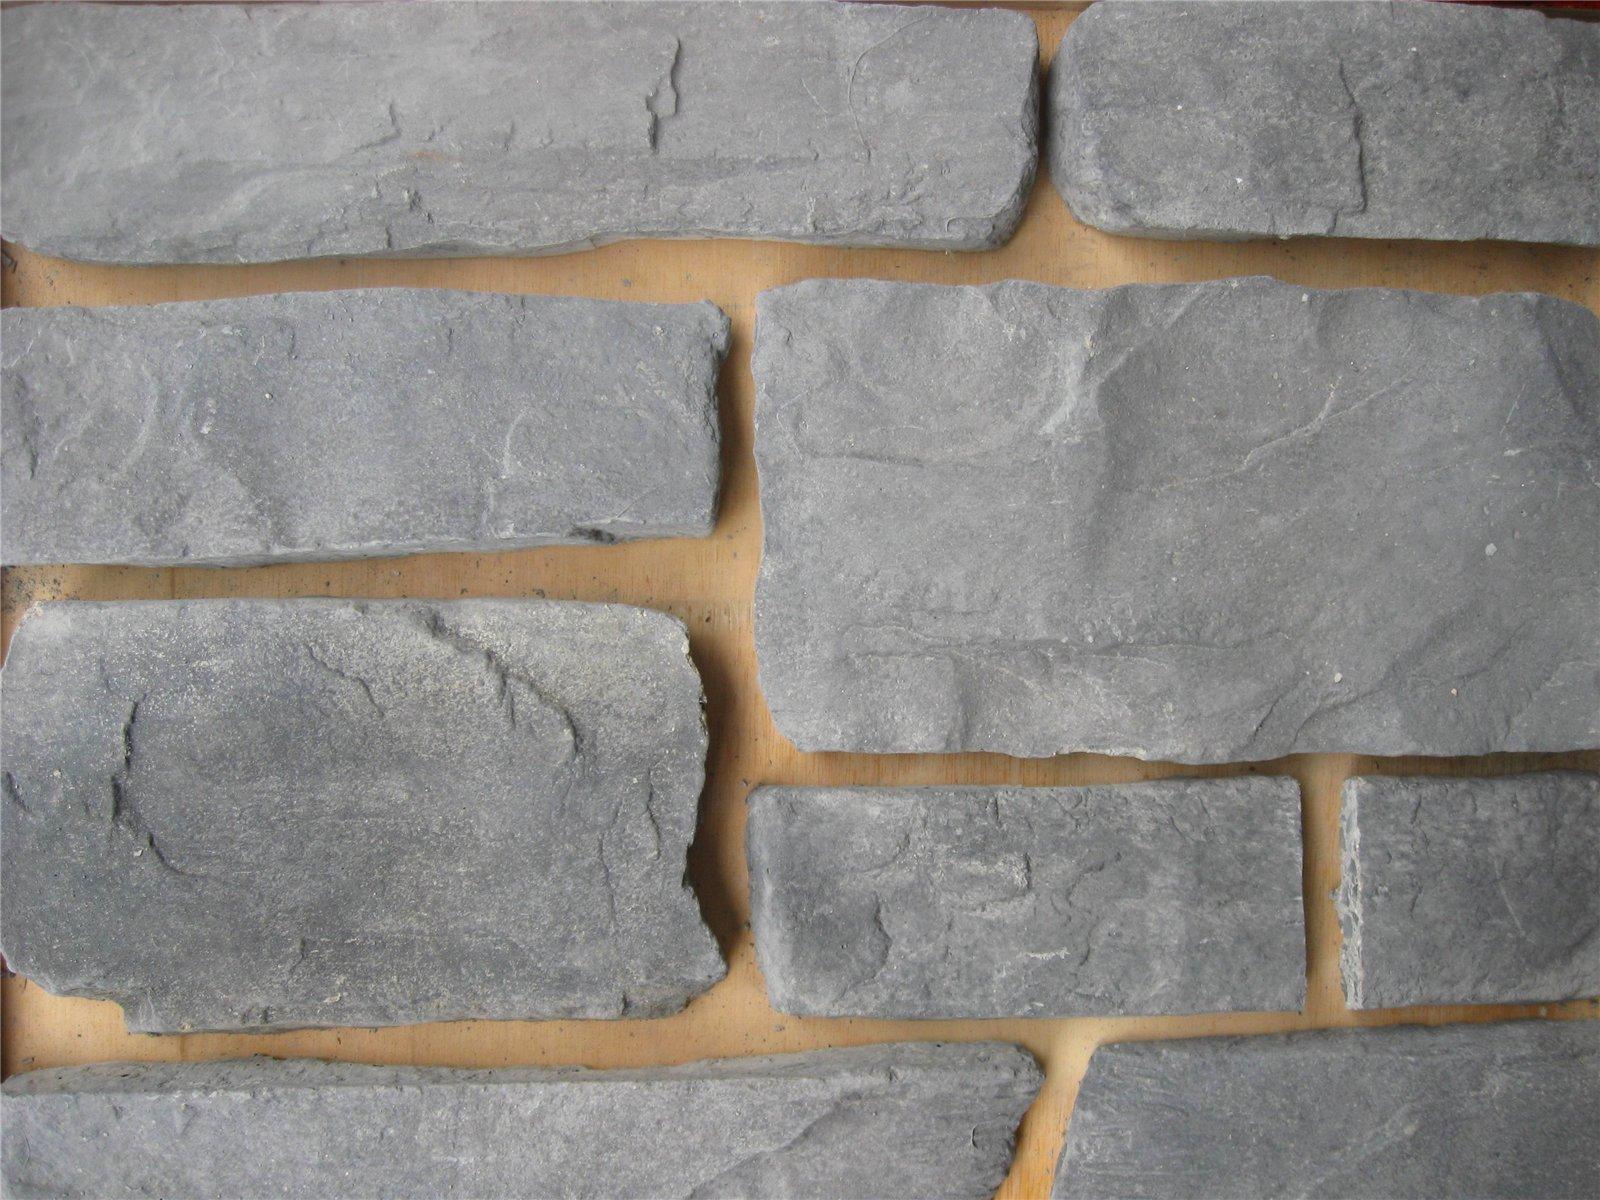 条石铺地 贴图素材